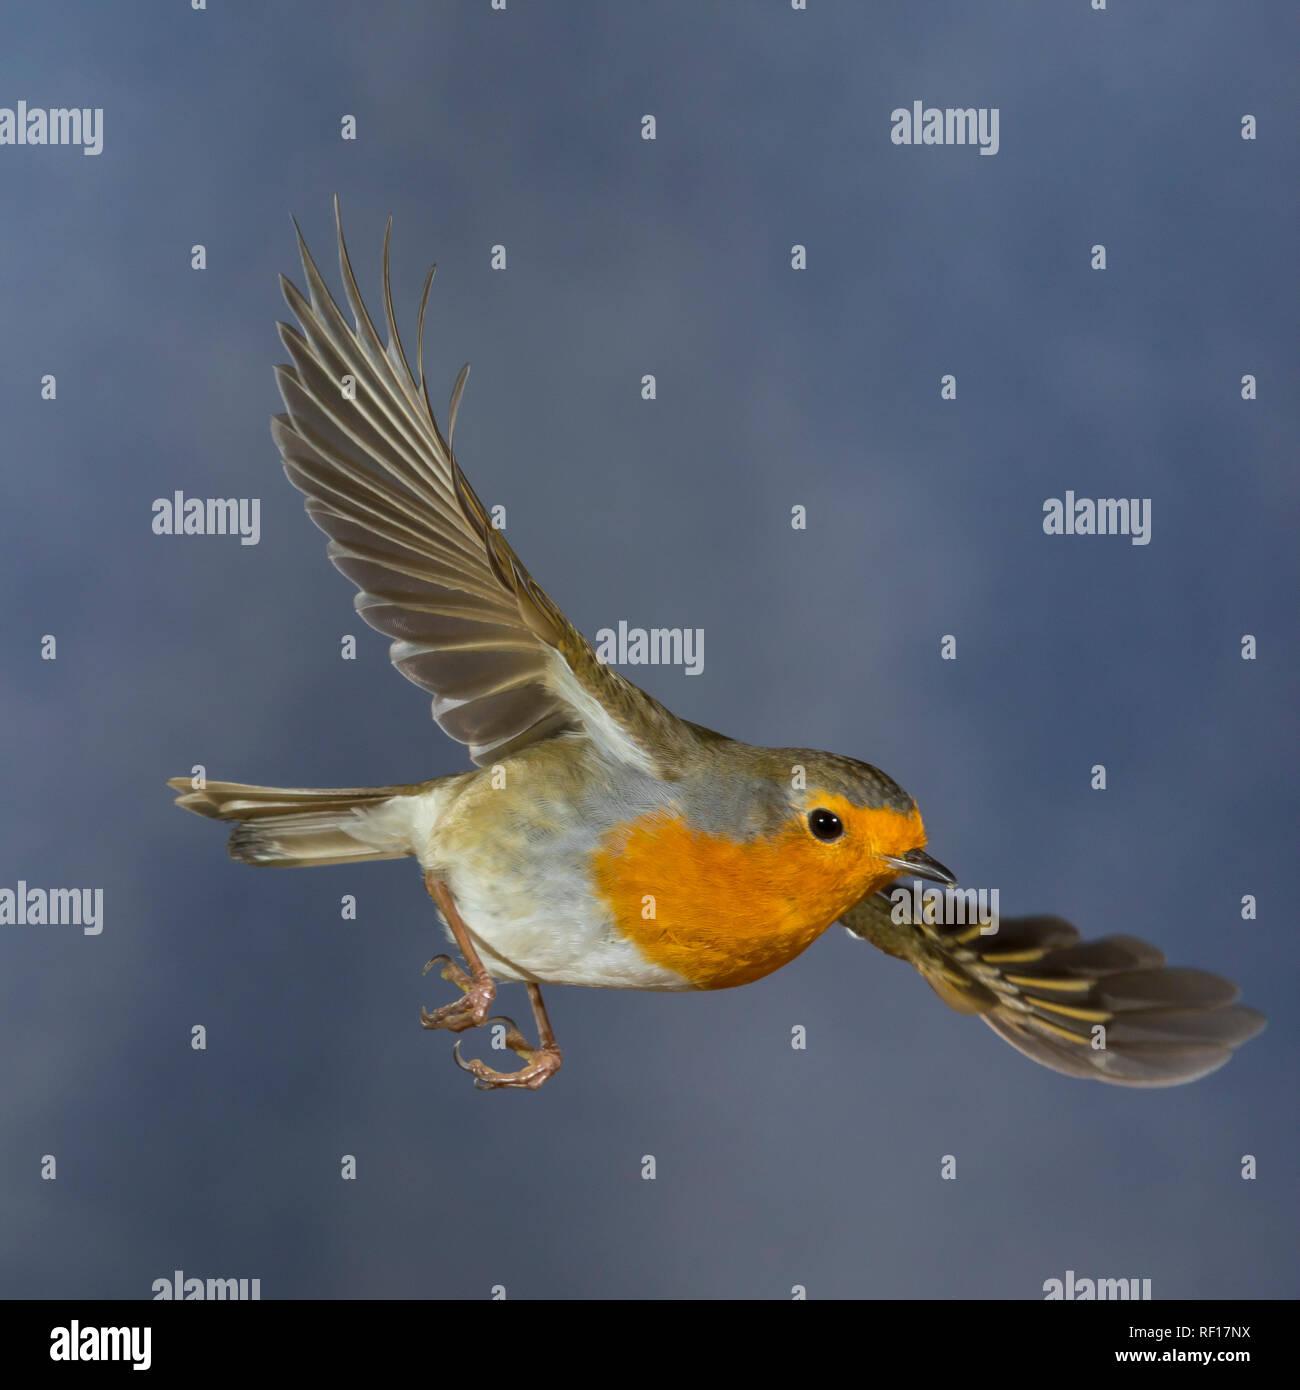 Rotkehlchen, fliegend, im Flug, Flugbild, Erithacus rubecula, Robin, Robin, Robin redbreast, Flug, flighing, Le Rouge-Gorge familier Stockbild